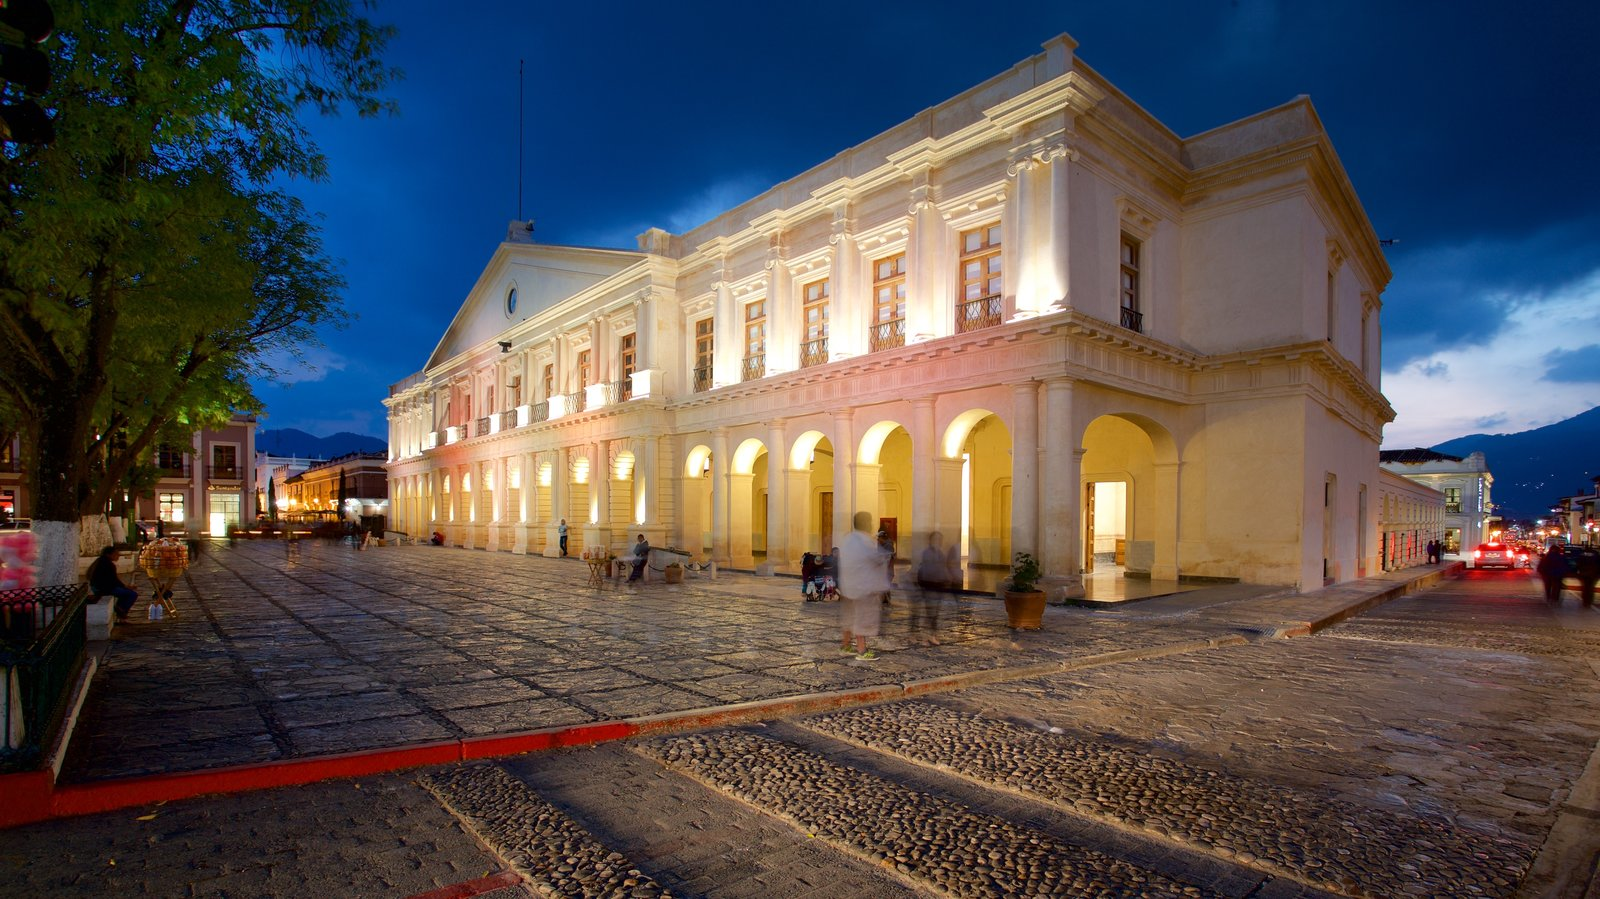 Plaza 31 de Marzo featuring night scenes and heritage architecture